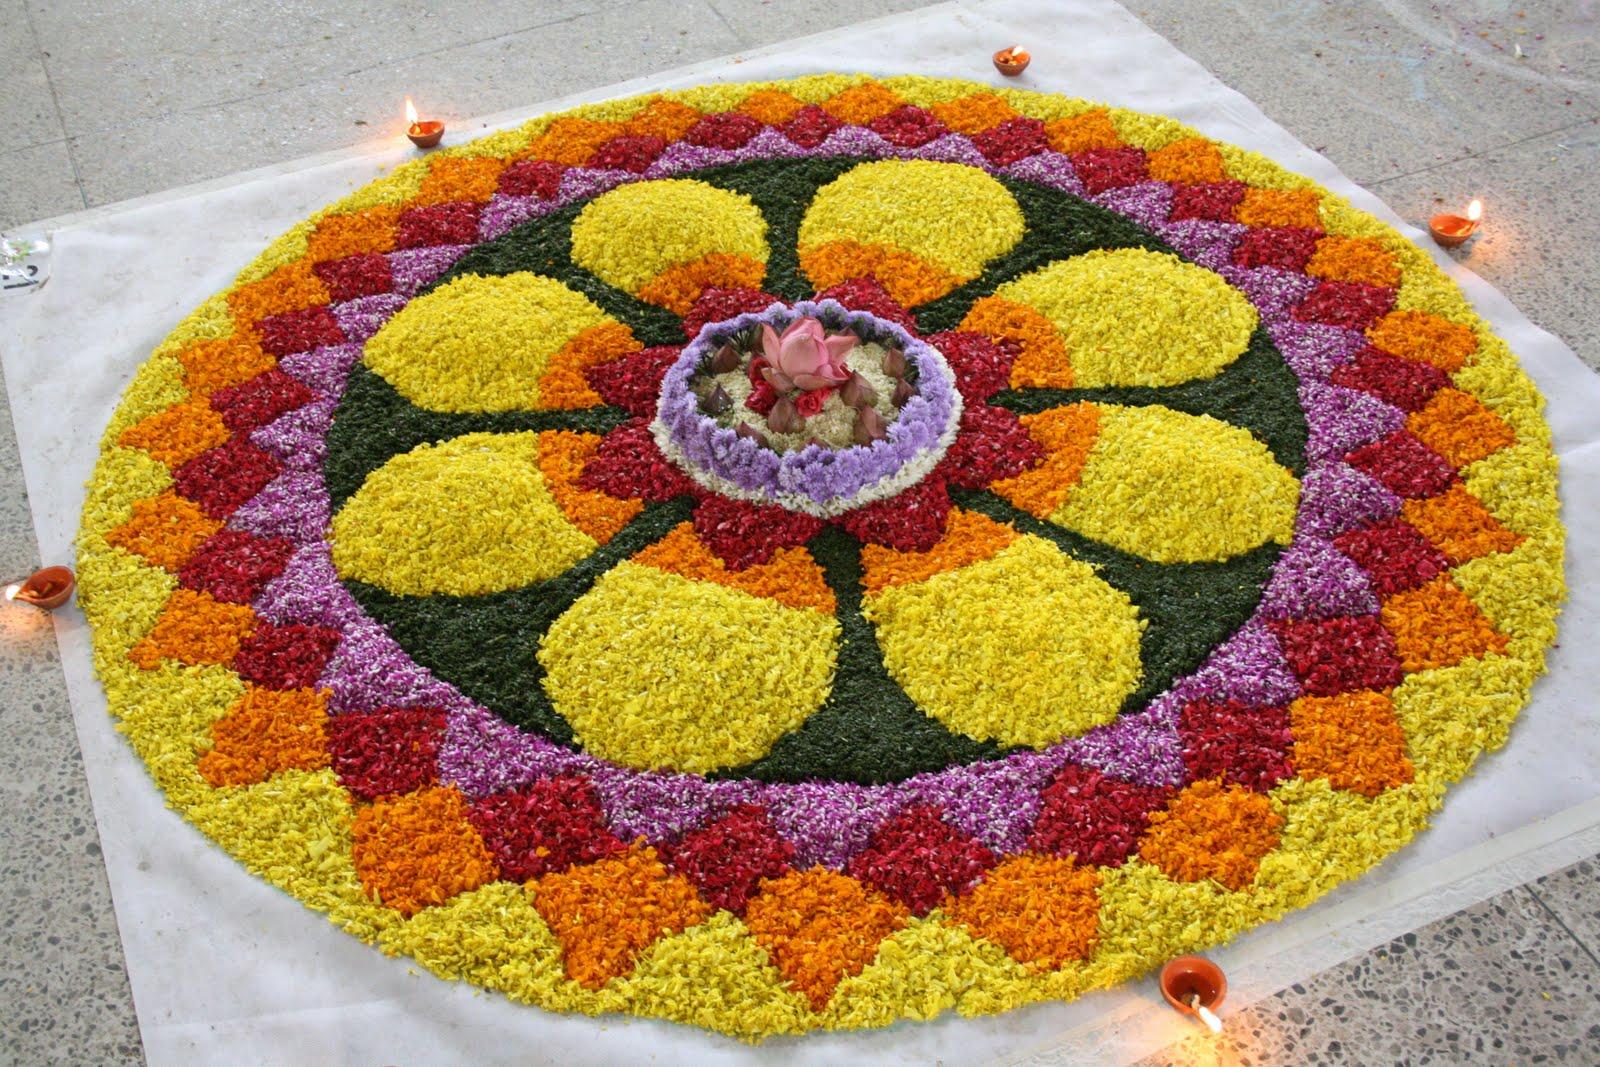 Shutter Treat.: Attappokkalam (Flower Carpet)